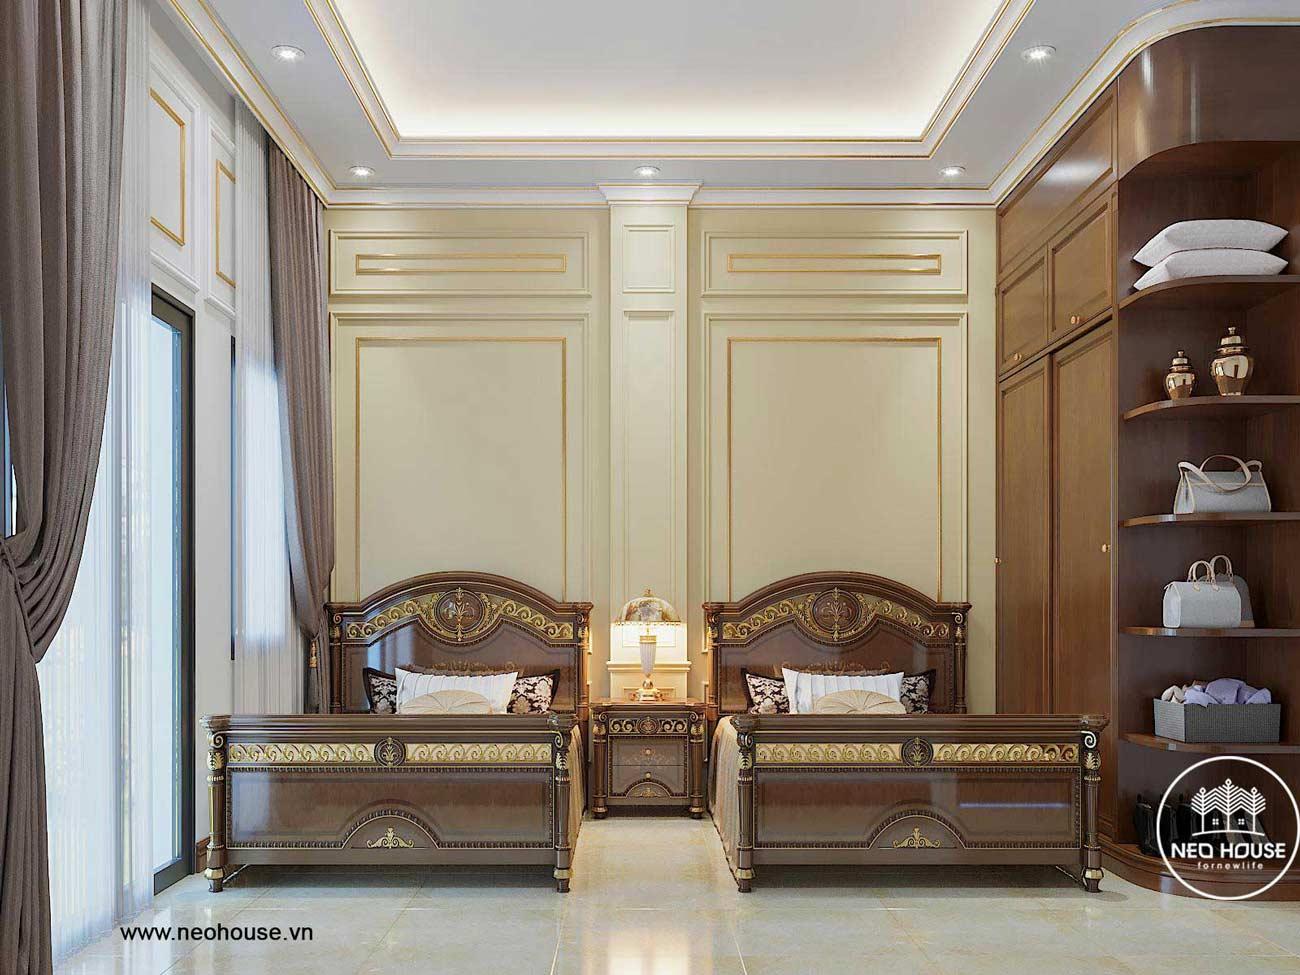 Thiết kế nội thất biệt thự 3 tầng tân cổ điển. Ảnh 8